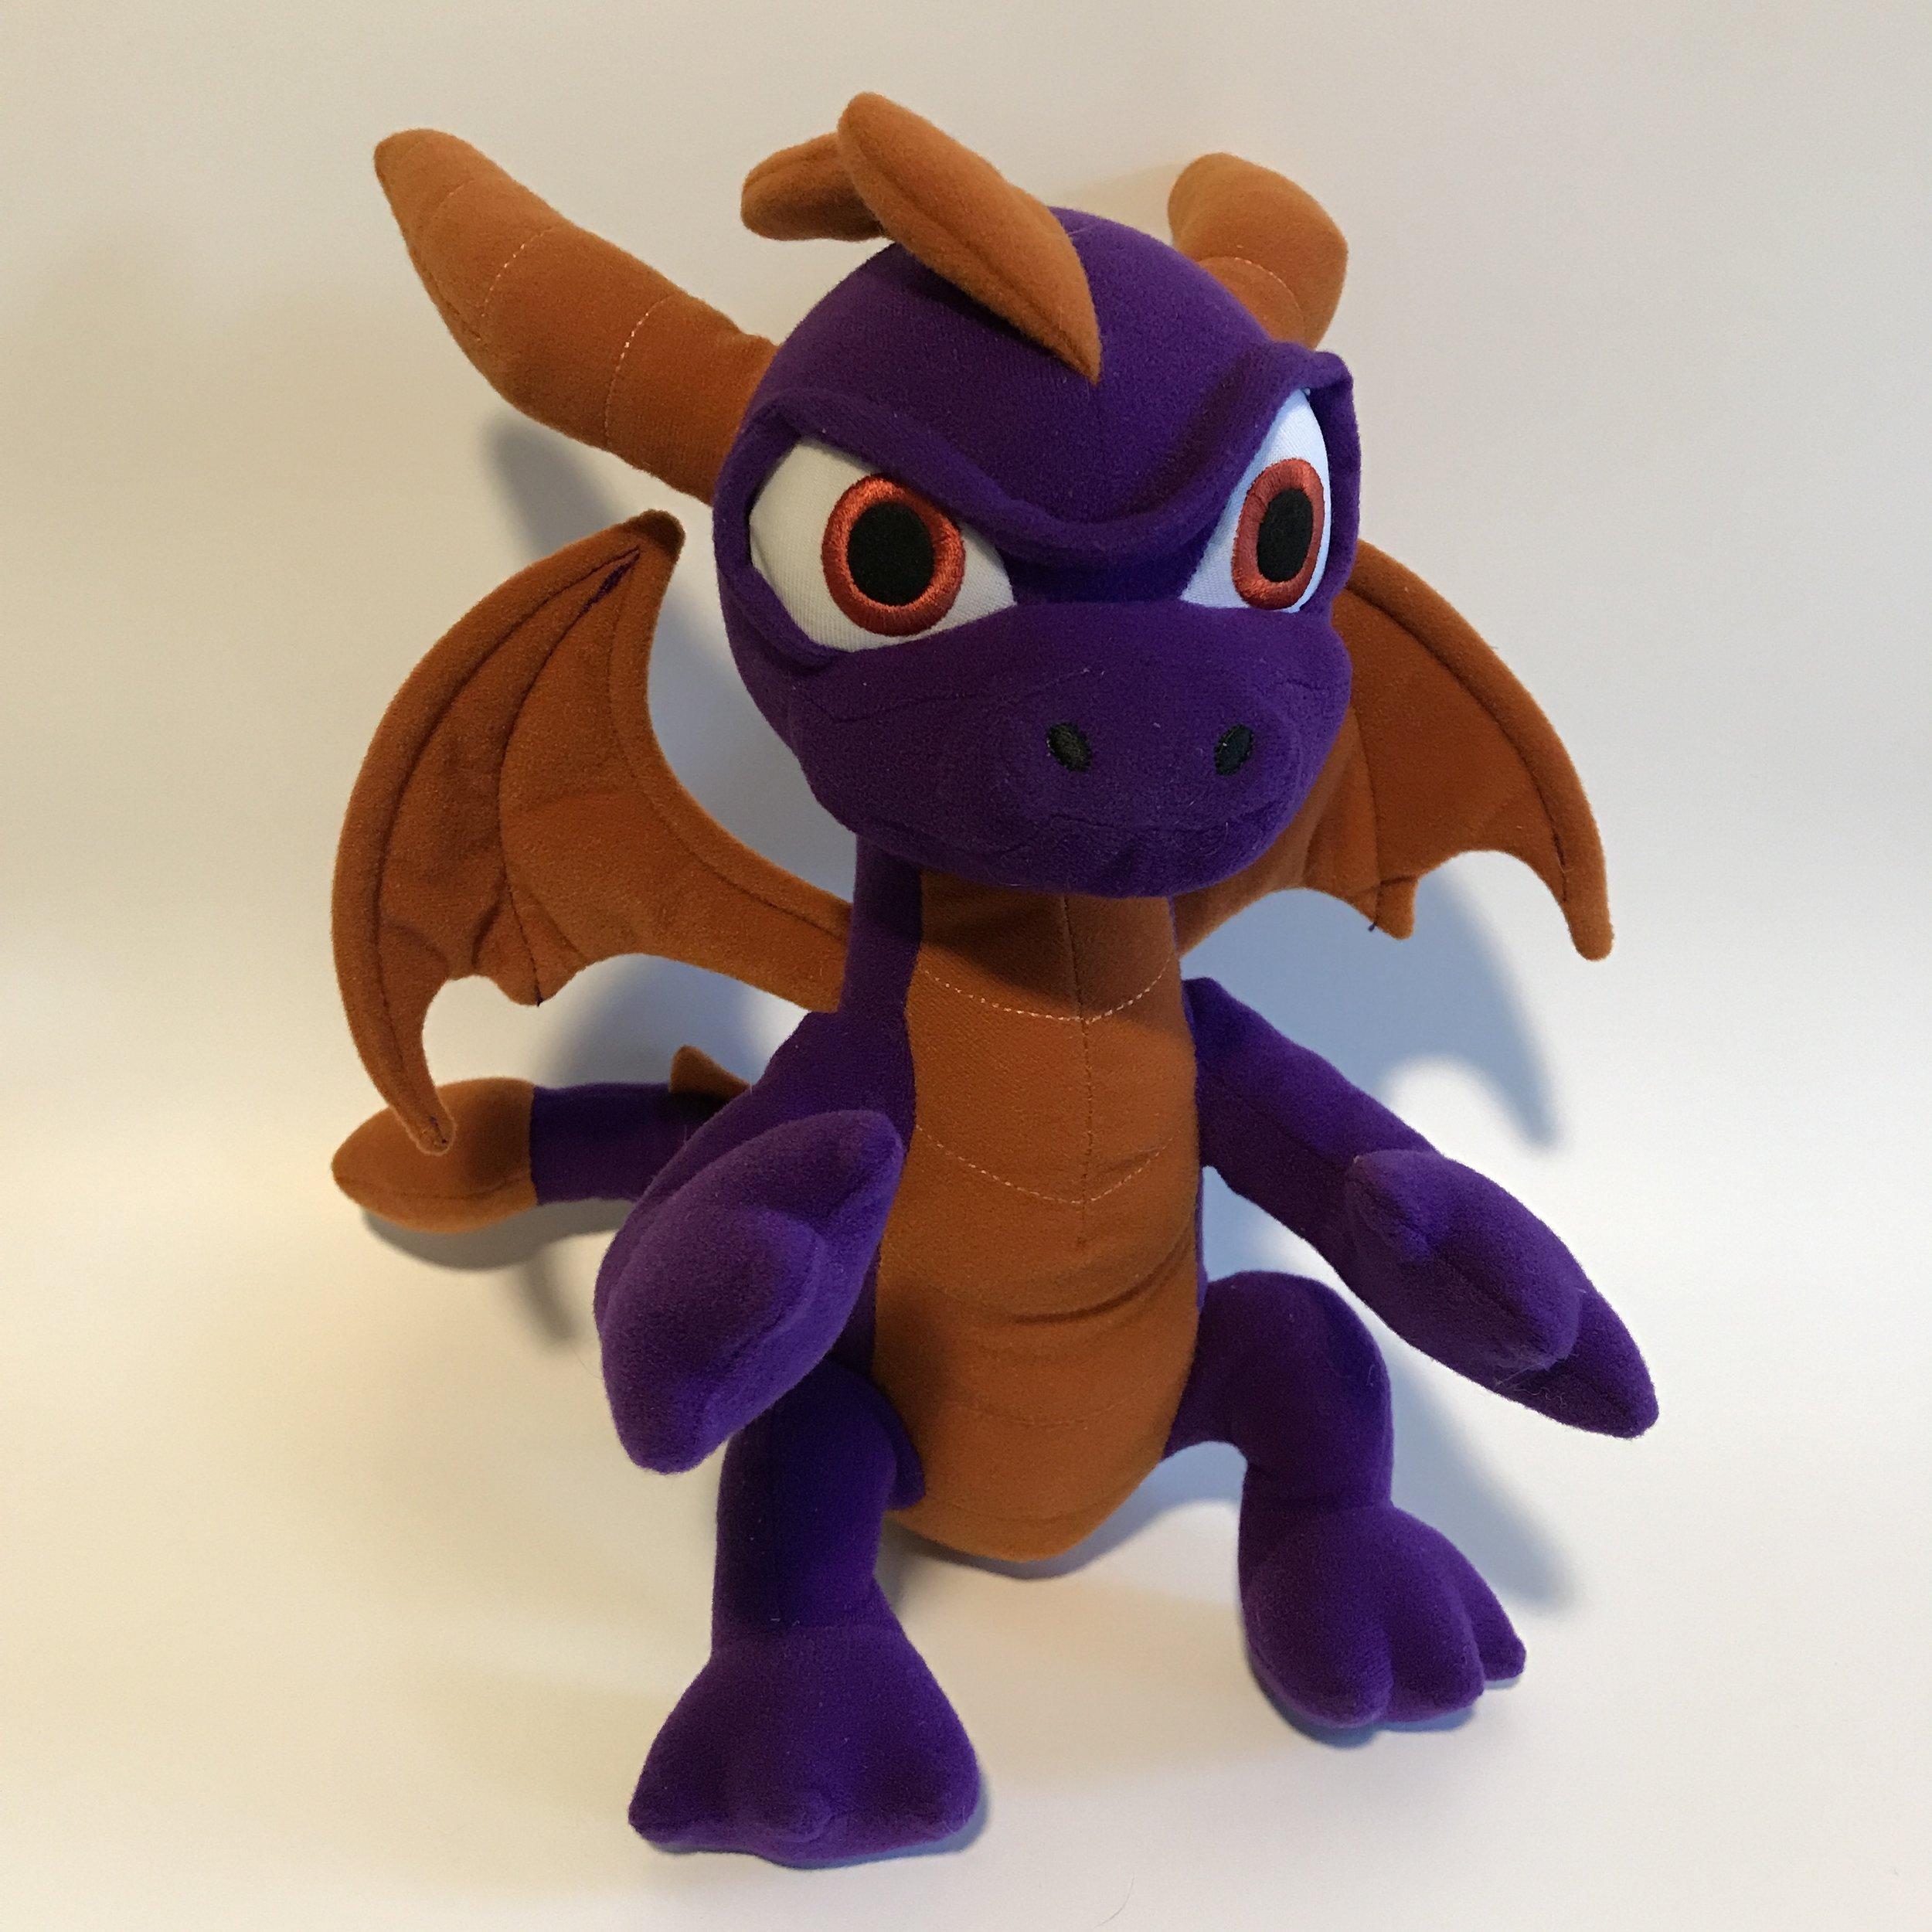 Skylander Giant Spyro plush